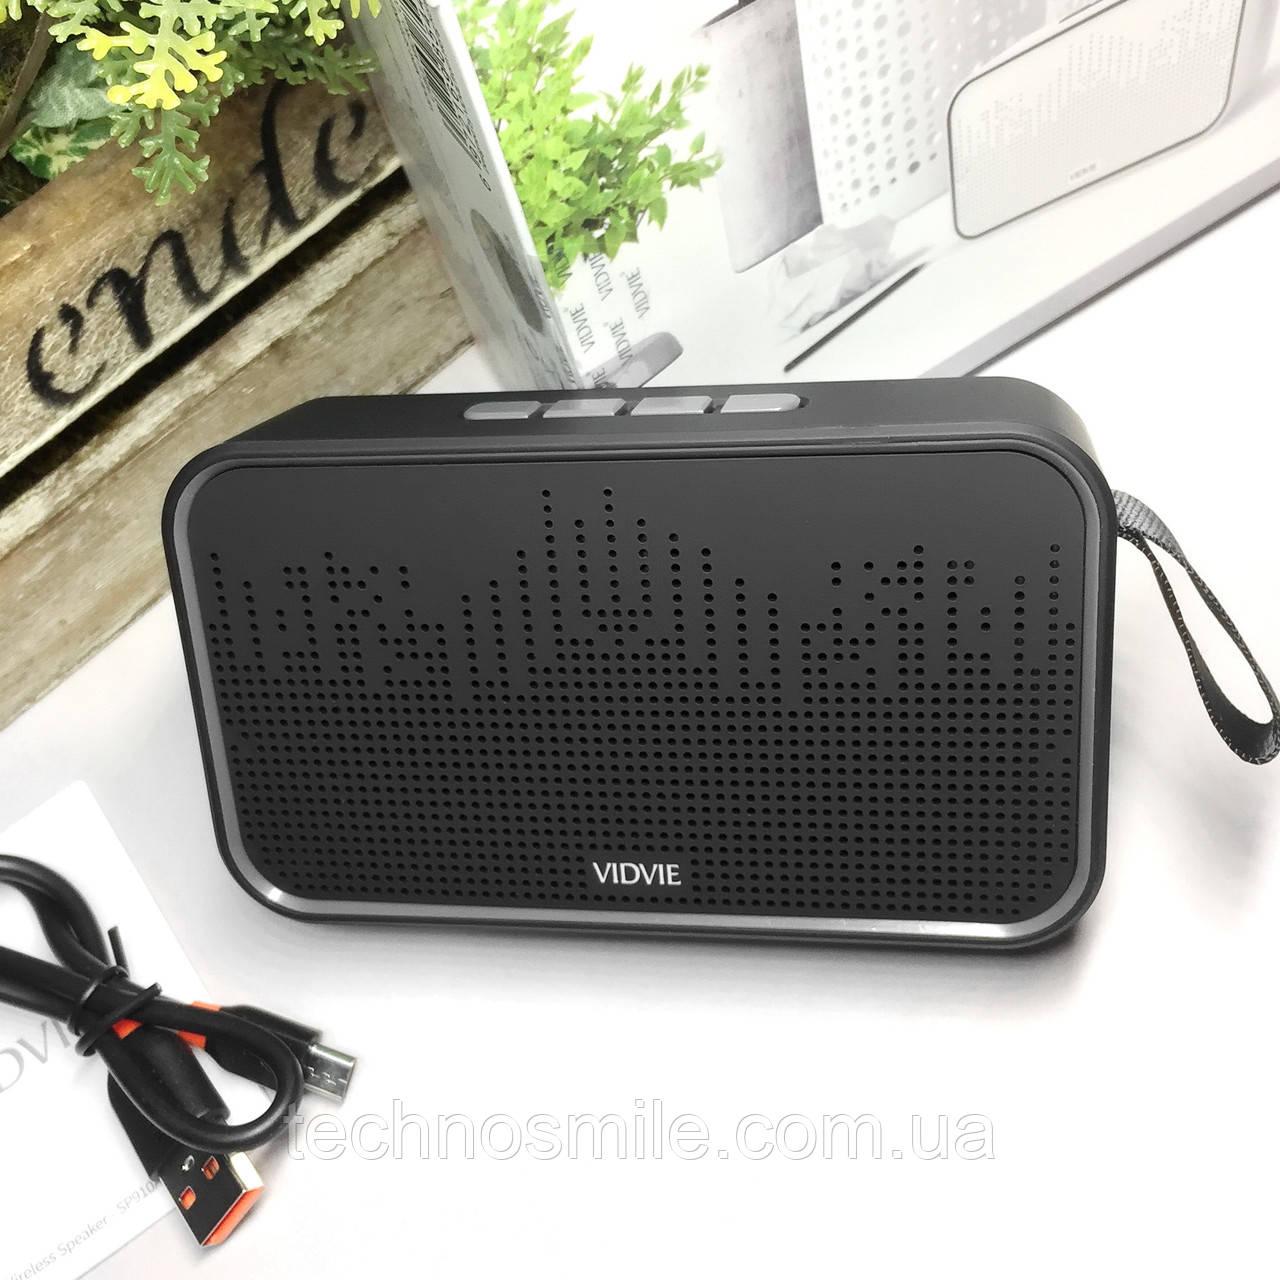 Колонка Bluetooth VIDVIE SP910 чорна